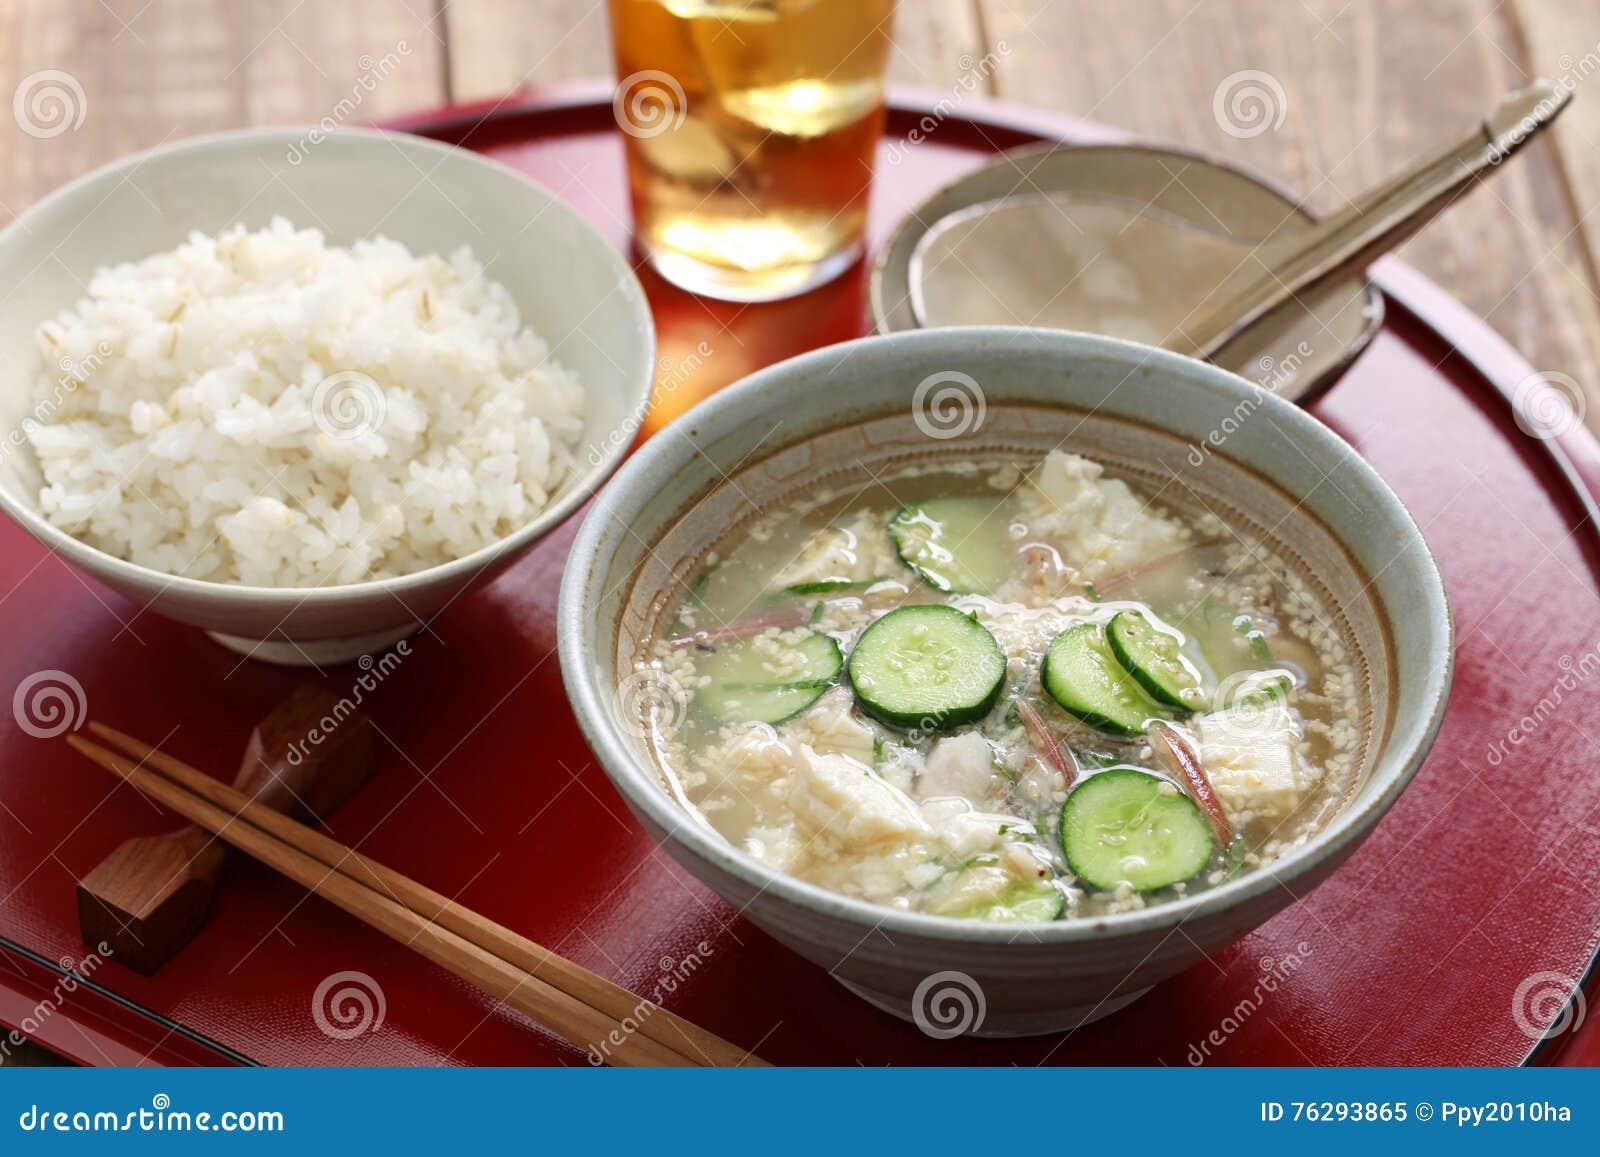 Kalte Sommerküche : Hiyajiru kalte misosuppe mit gerstenreis stockbild bild von